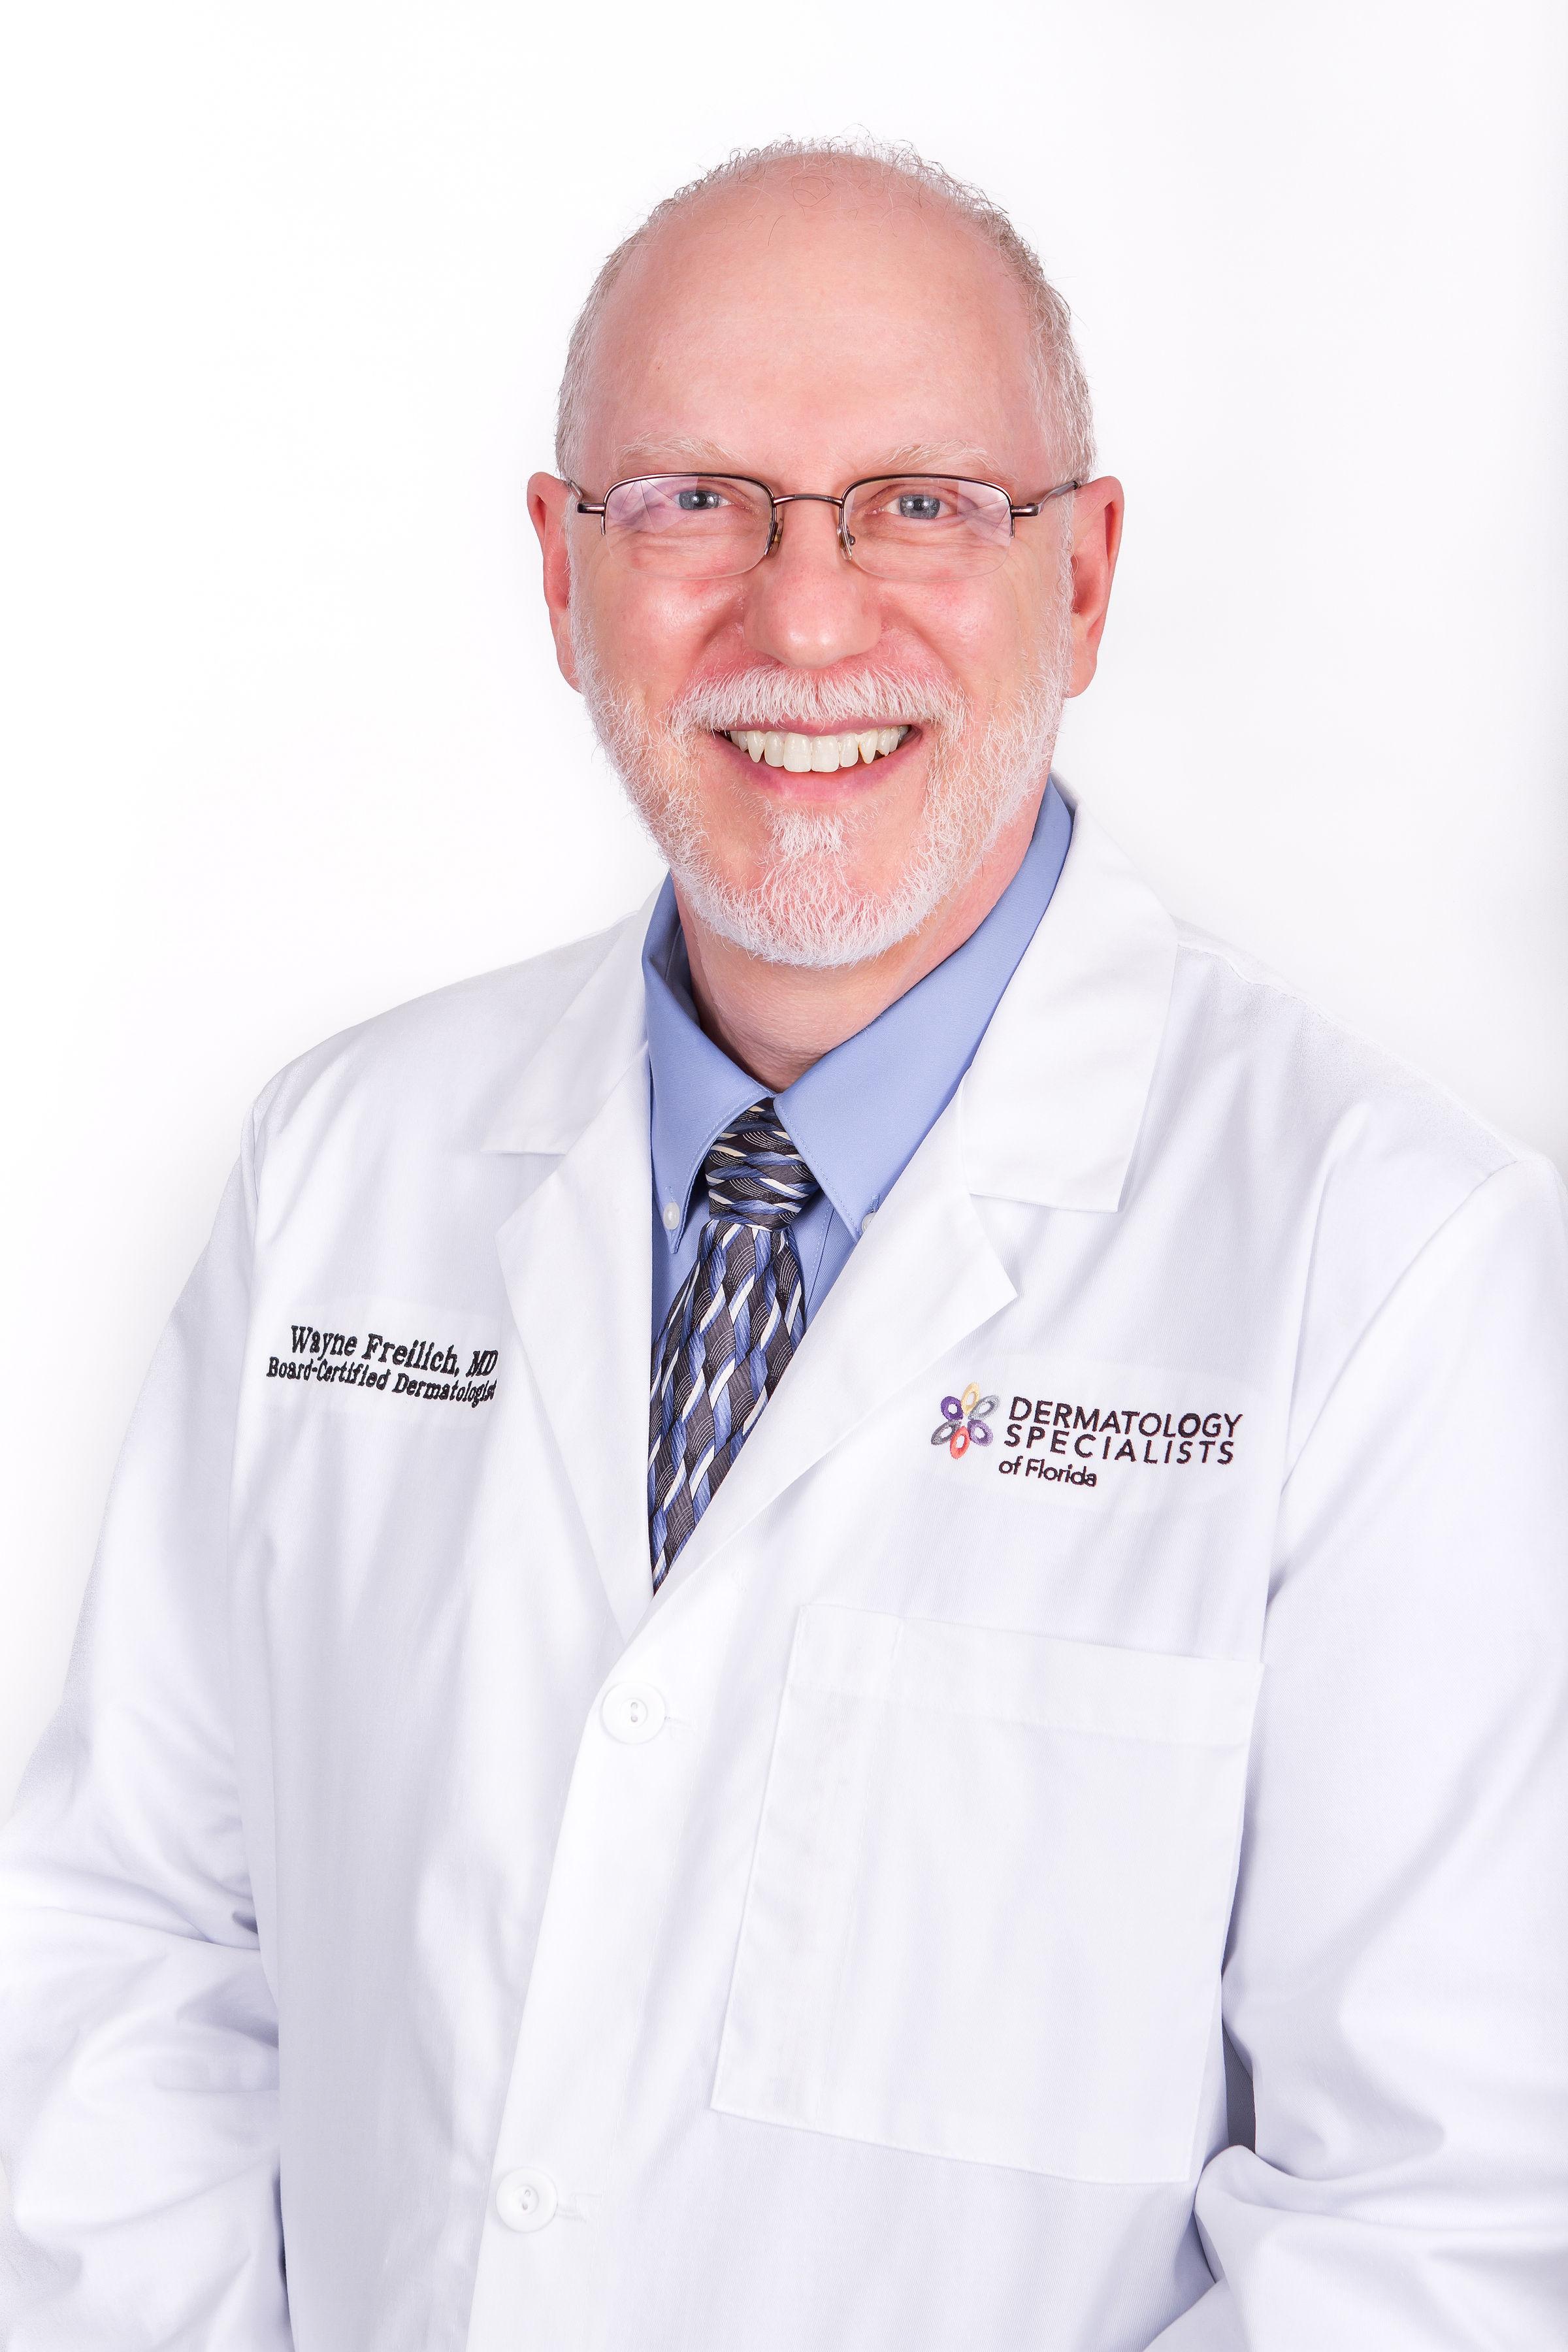 Wayne Freilich, MD